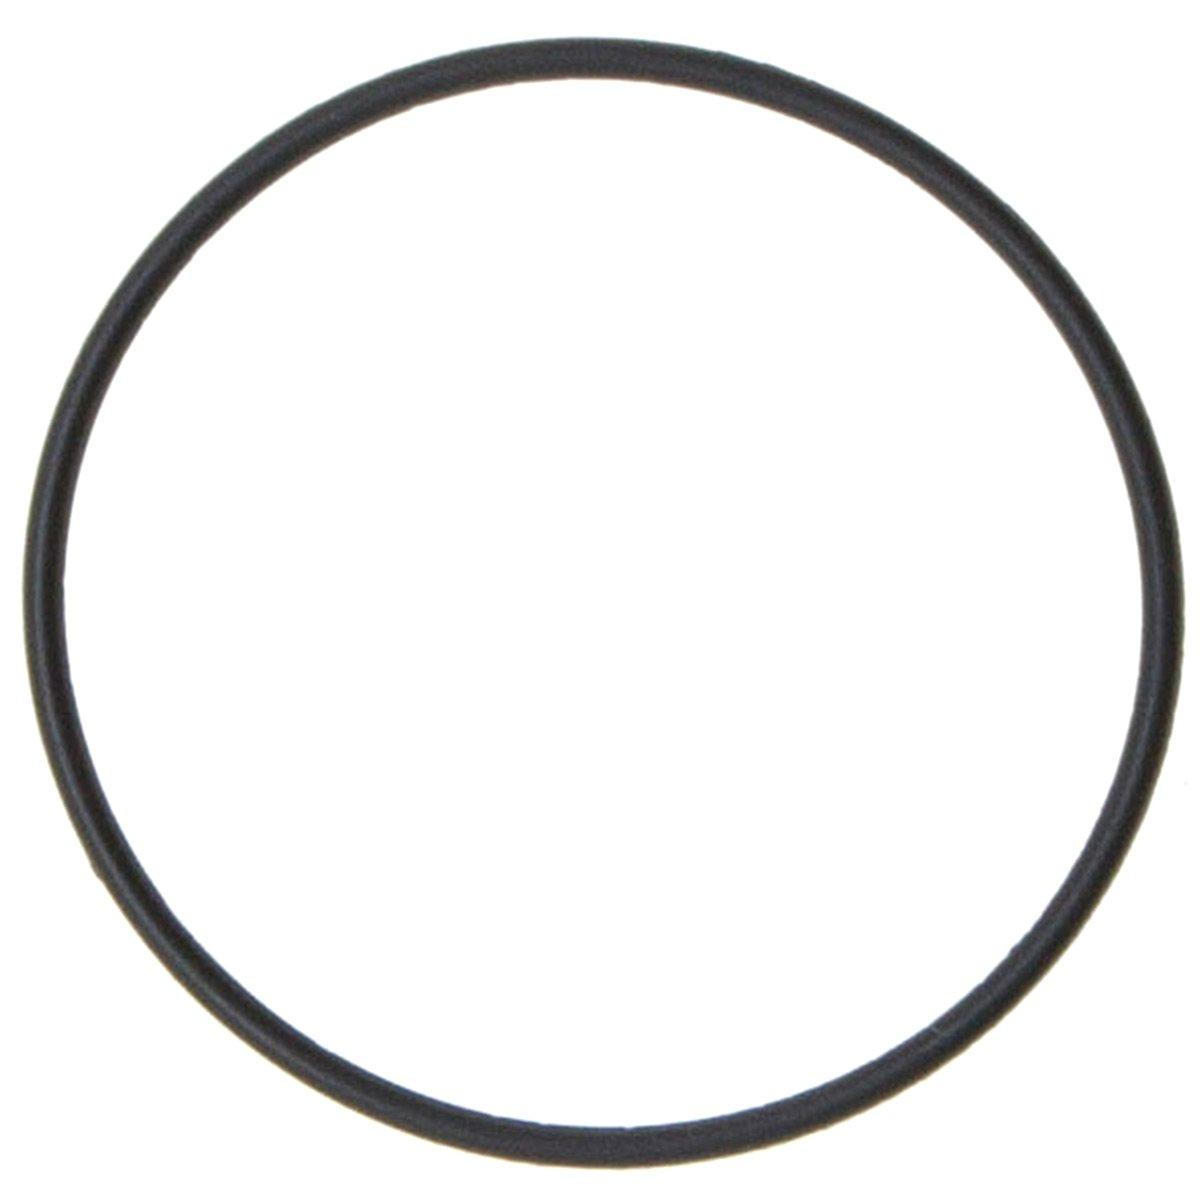 Dichtringe / O-Ringe 150 x 5 mm NBR 70, Menge 2 Stü ck Diehr & Rabenstein